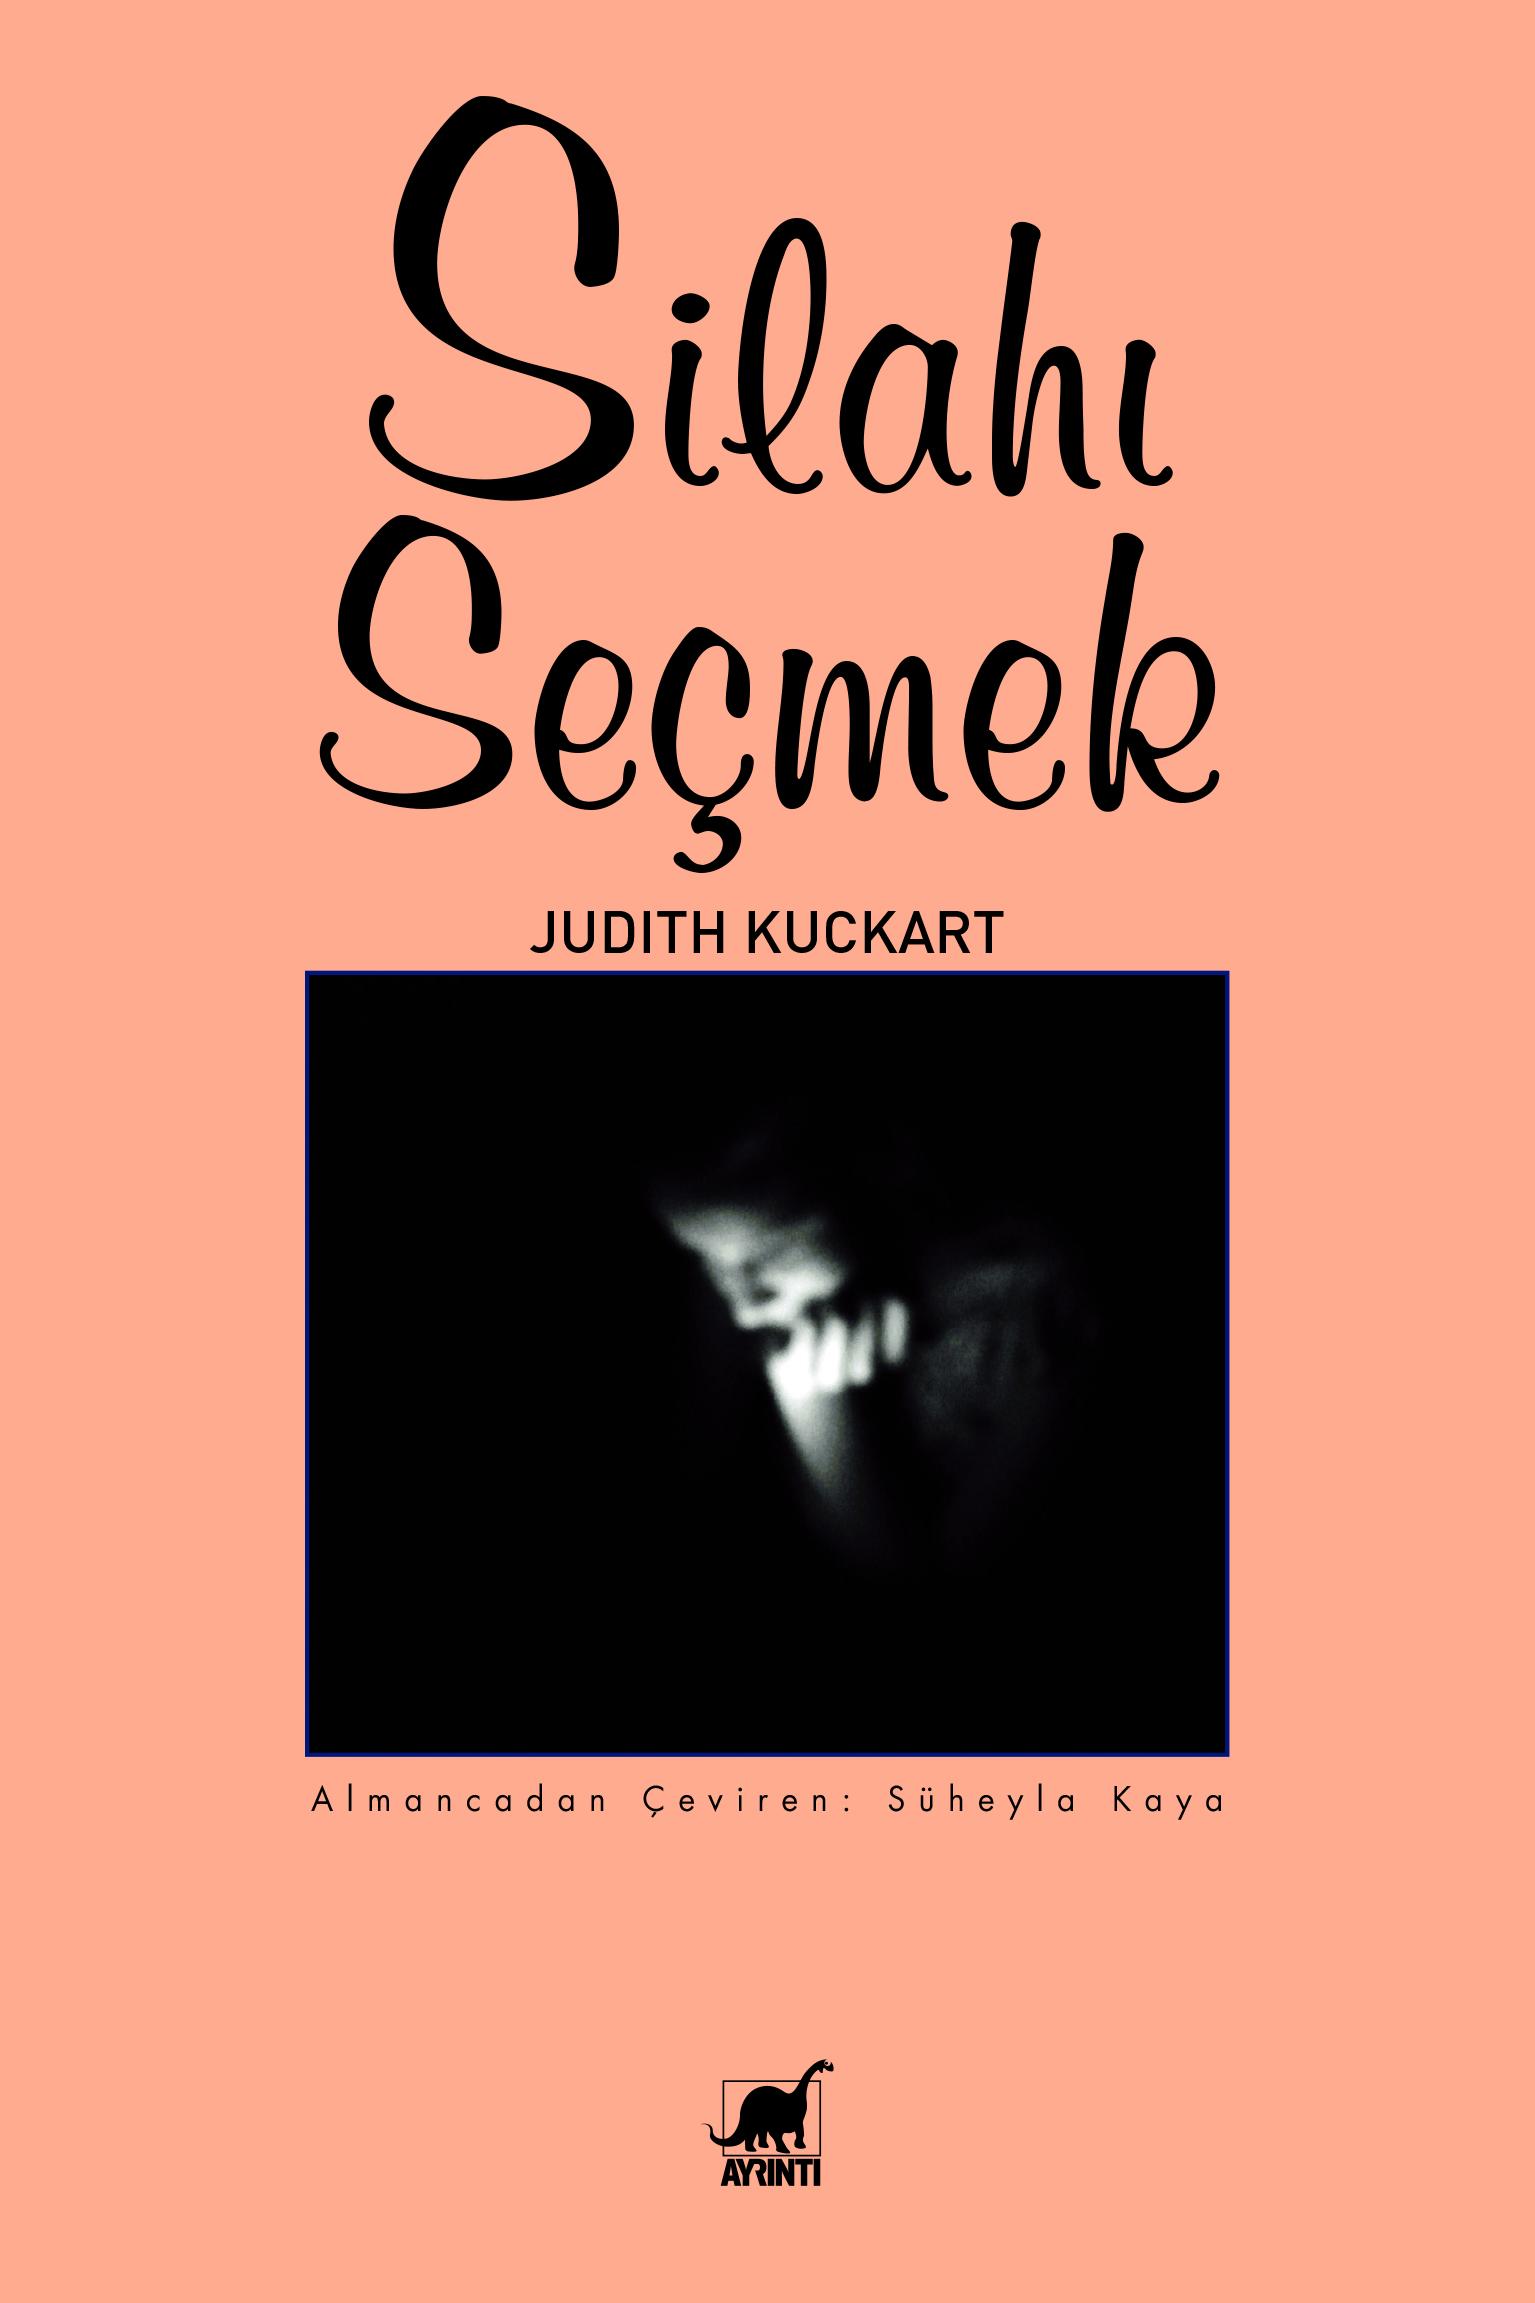 Silahı Seçmek, Judith Kuckart, Çeviri: Süheyla Kaya, 192 sayfa, 2016, Ayrıntı Yayınları